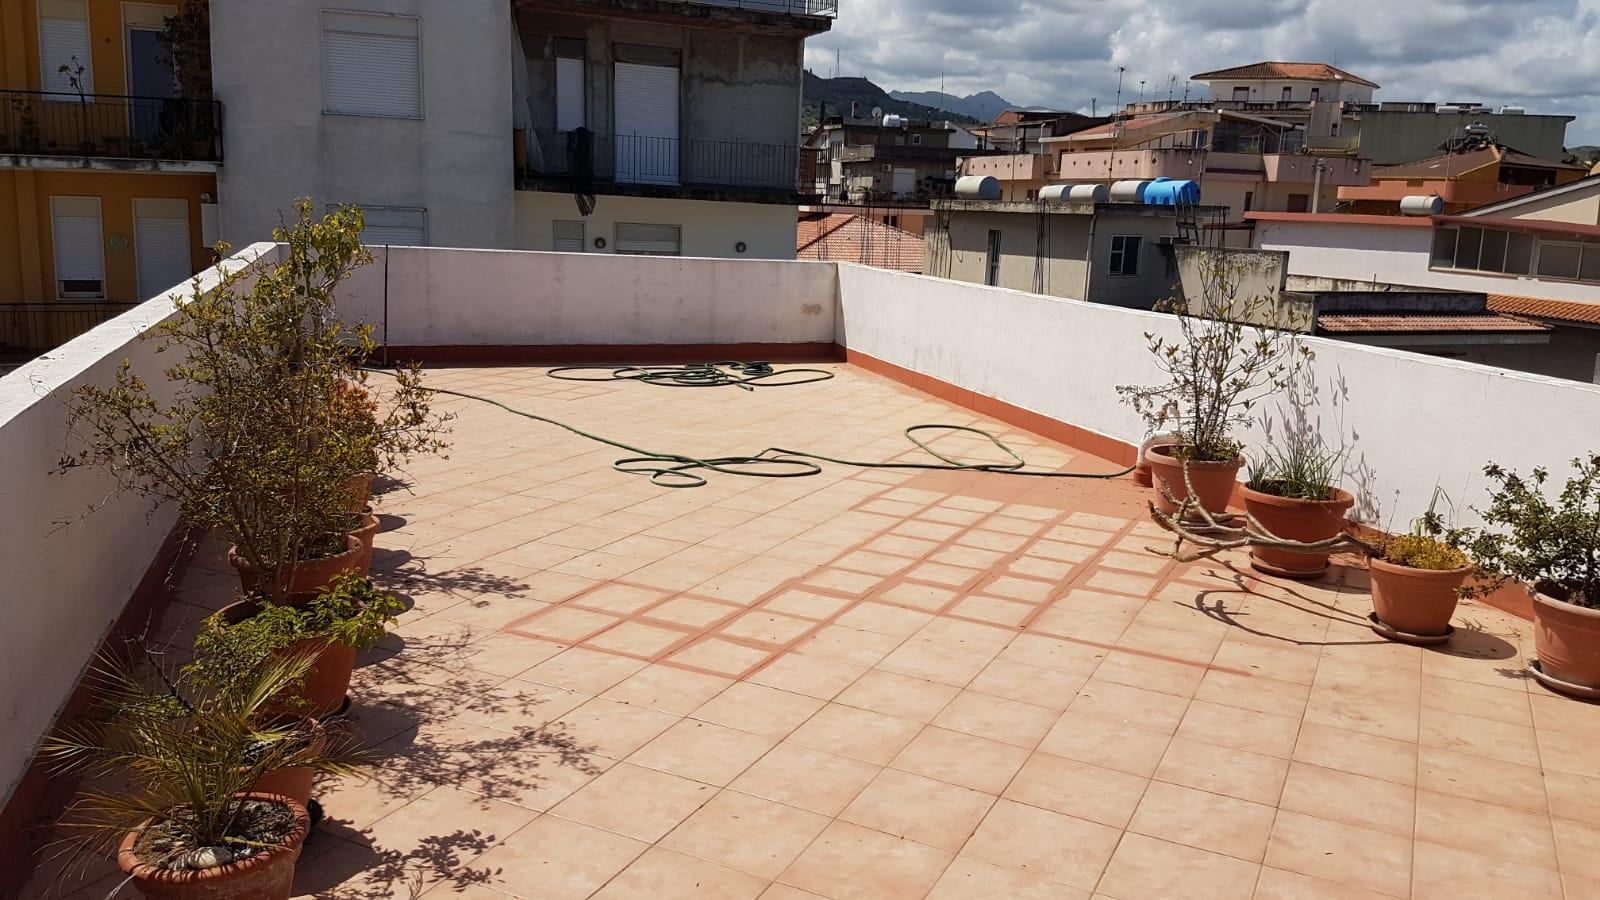 Appartamento in vendita a Barcellona Pozzo di Gotto, 3 locali, prezzo € 39.000 | PortaleAgenzieImmobiliari.it